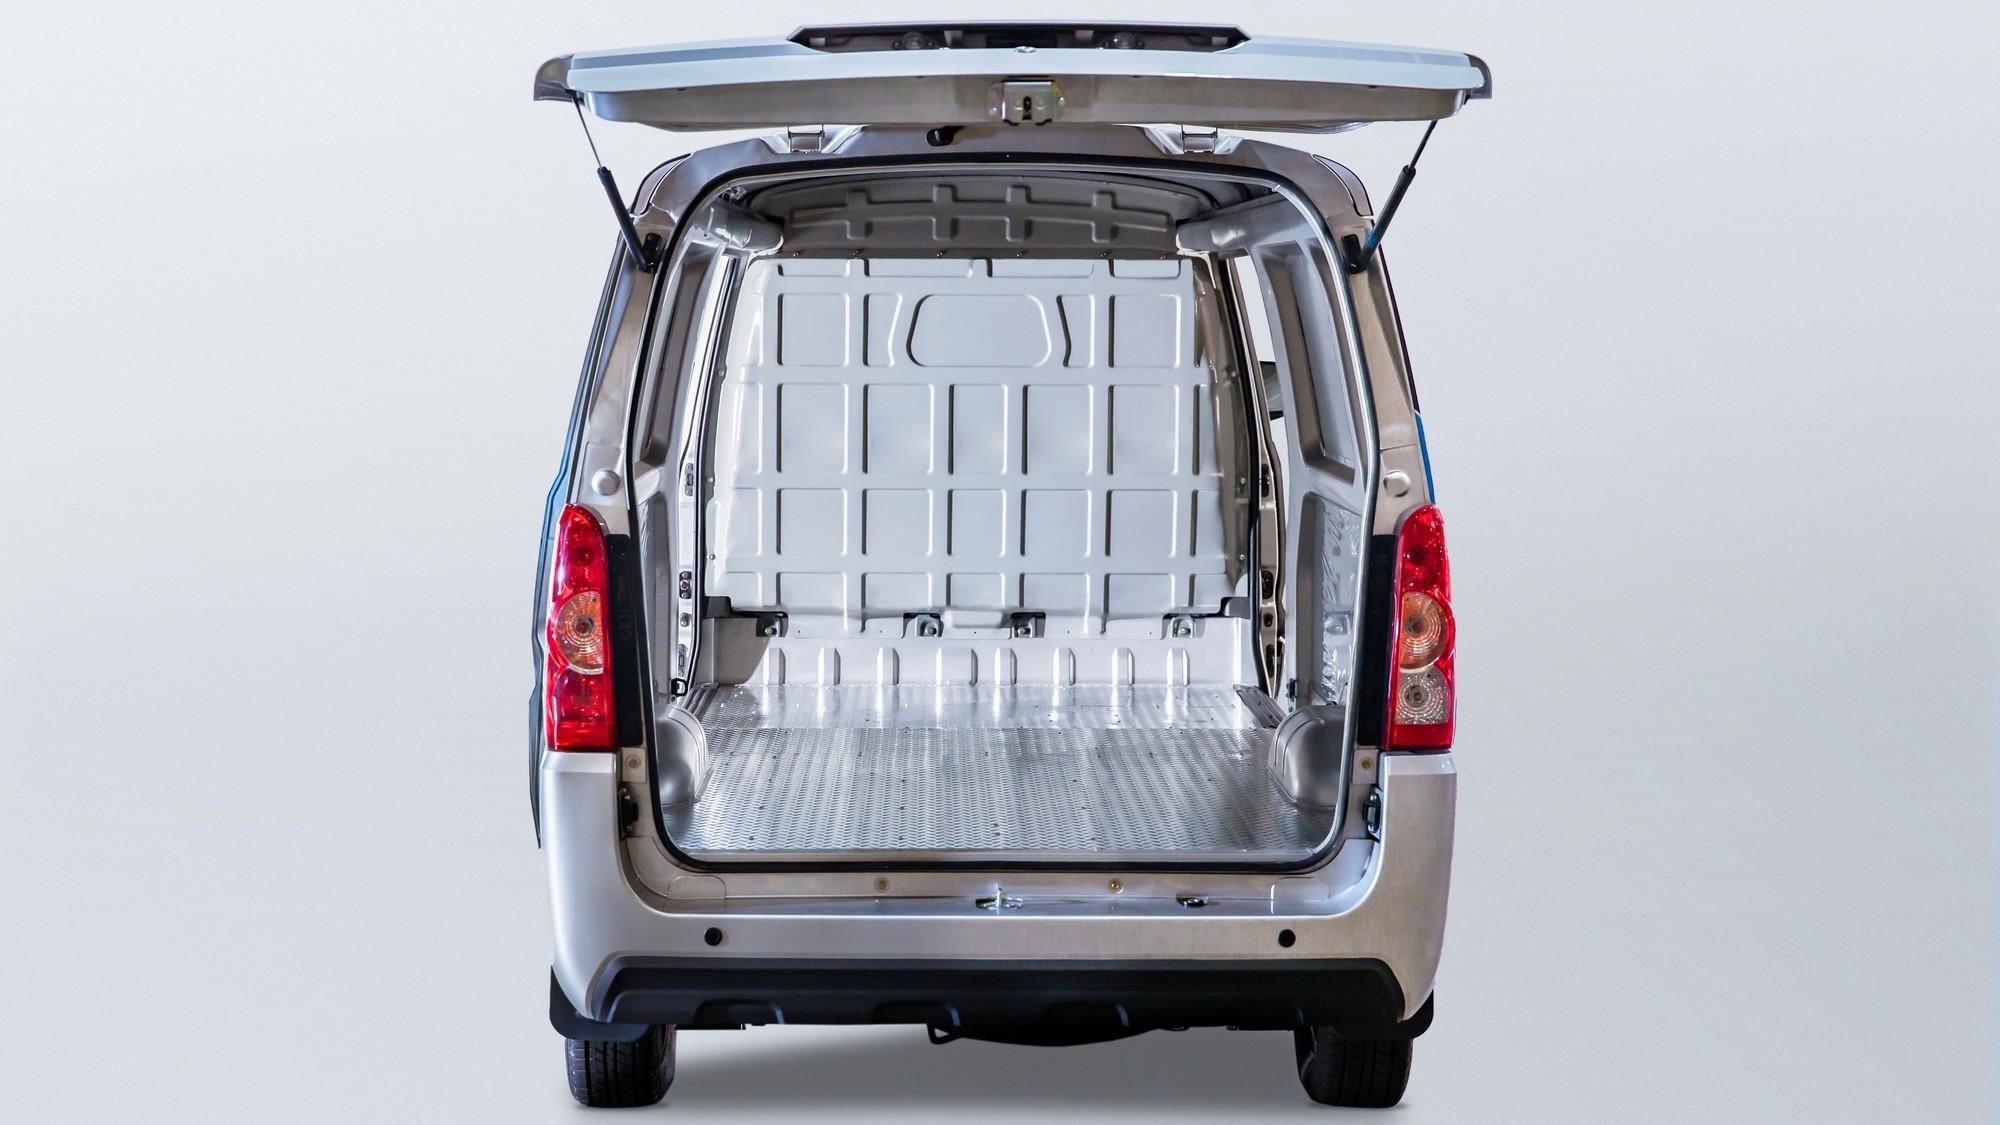 ELMS Urban Delivery: локализованный в США китайский фургон получил сменную батарею